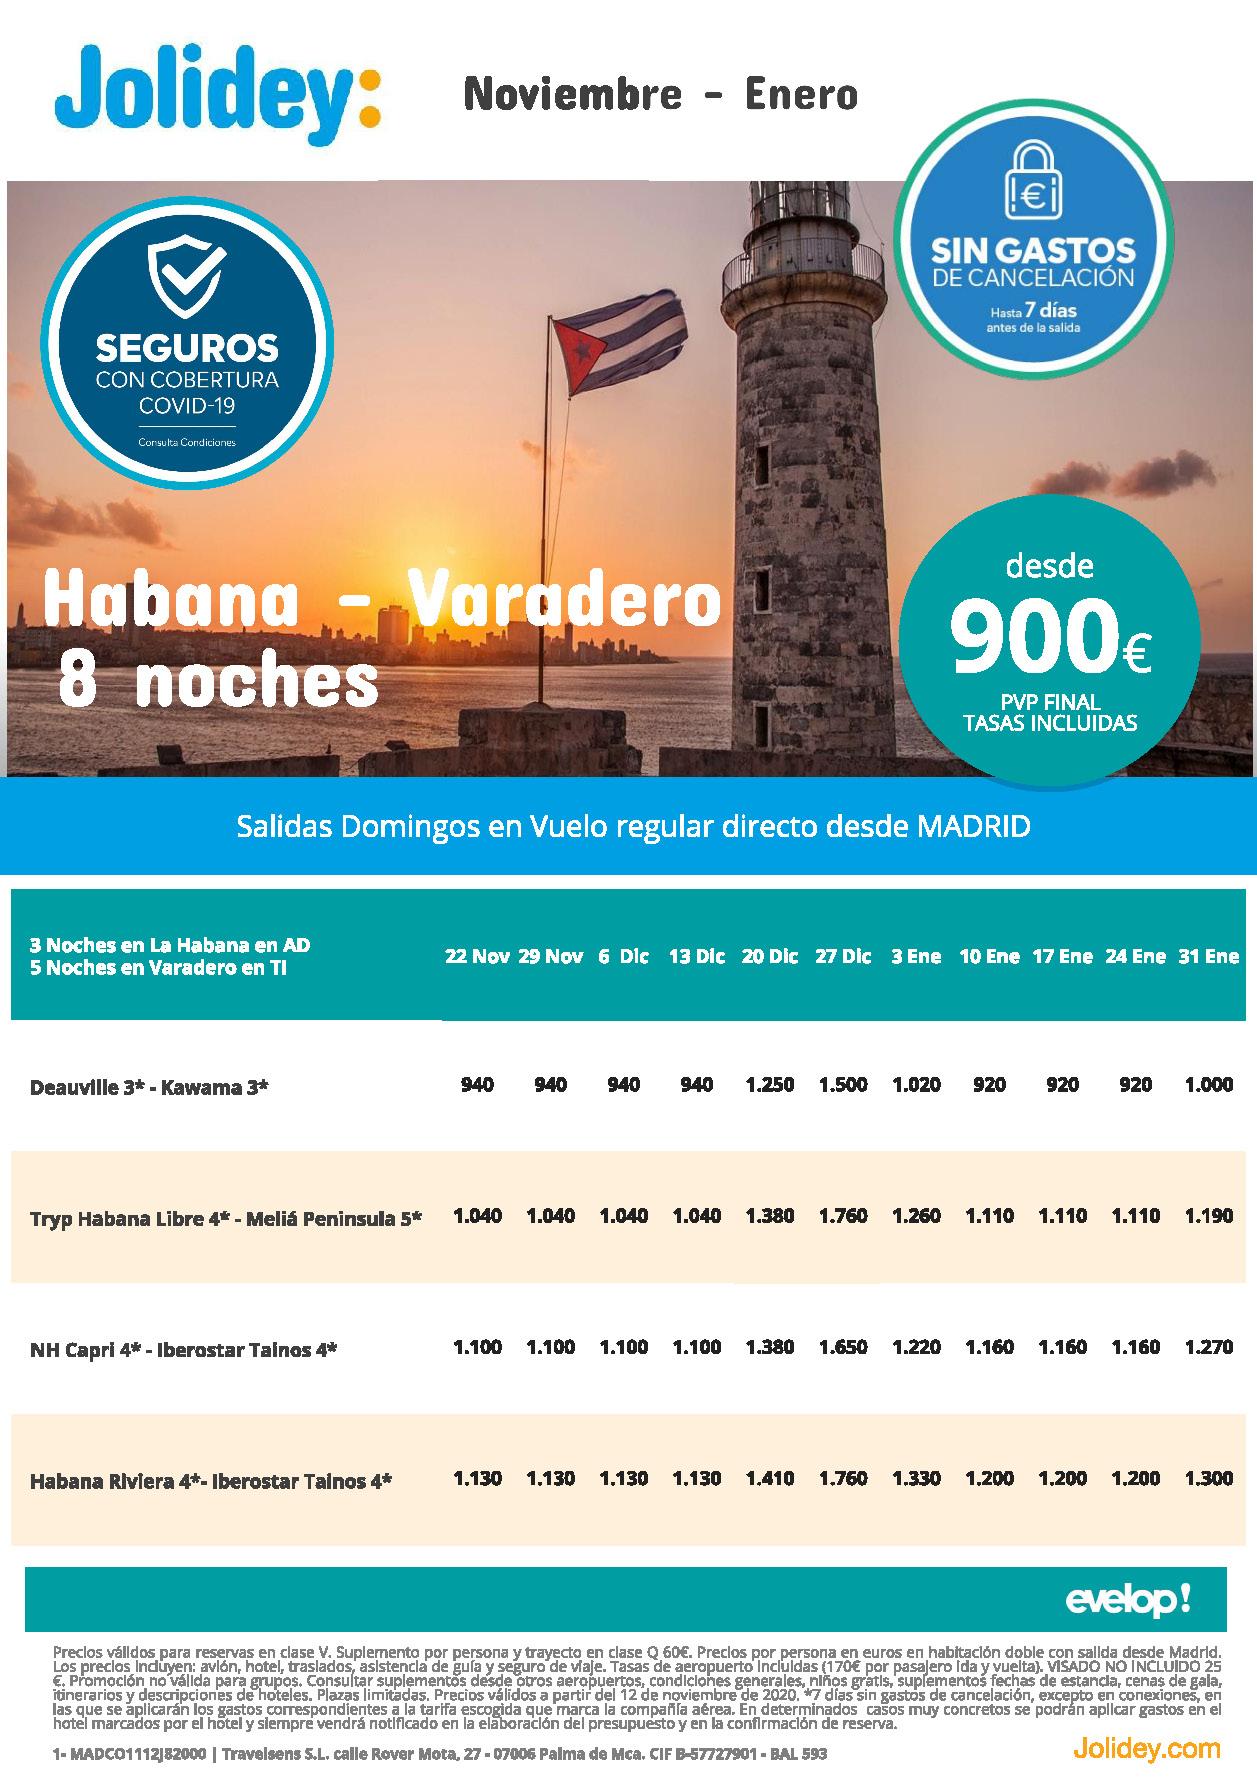 Oferta Jolidey Combinados La Habana-Varadero Noviembre-Enero 2021 vuelo directo desde Madrid